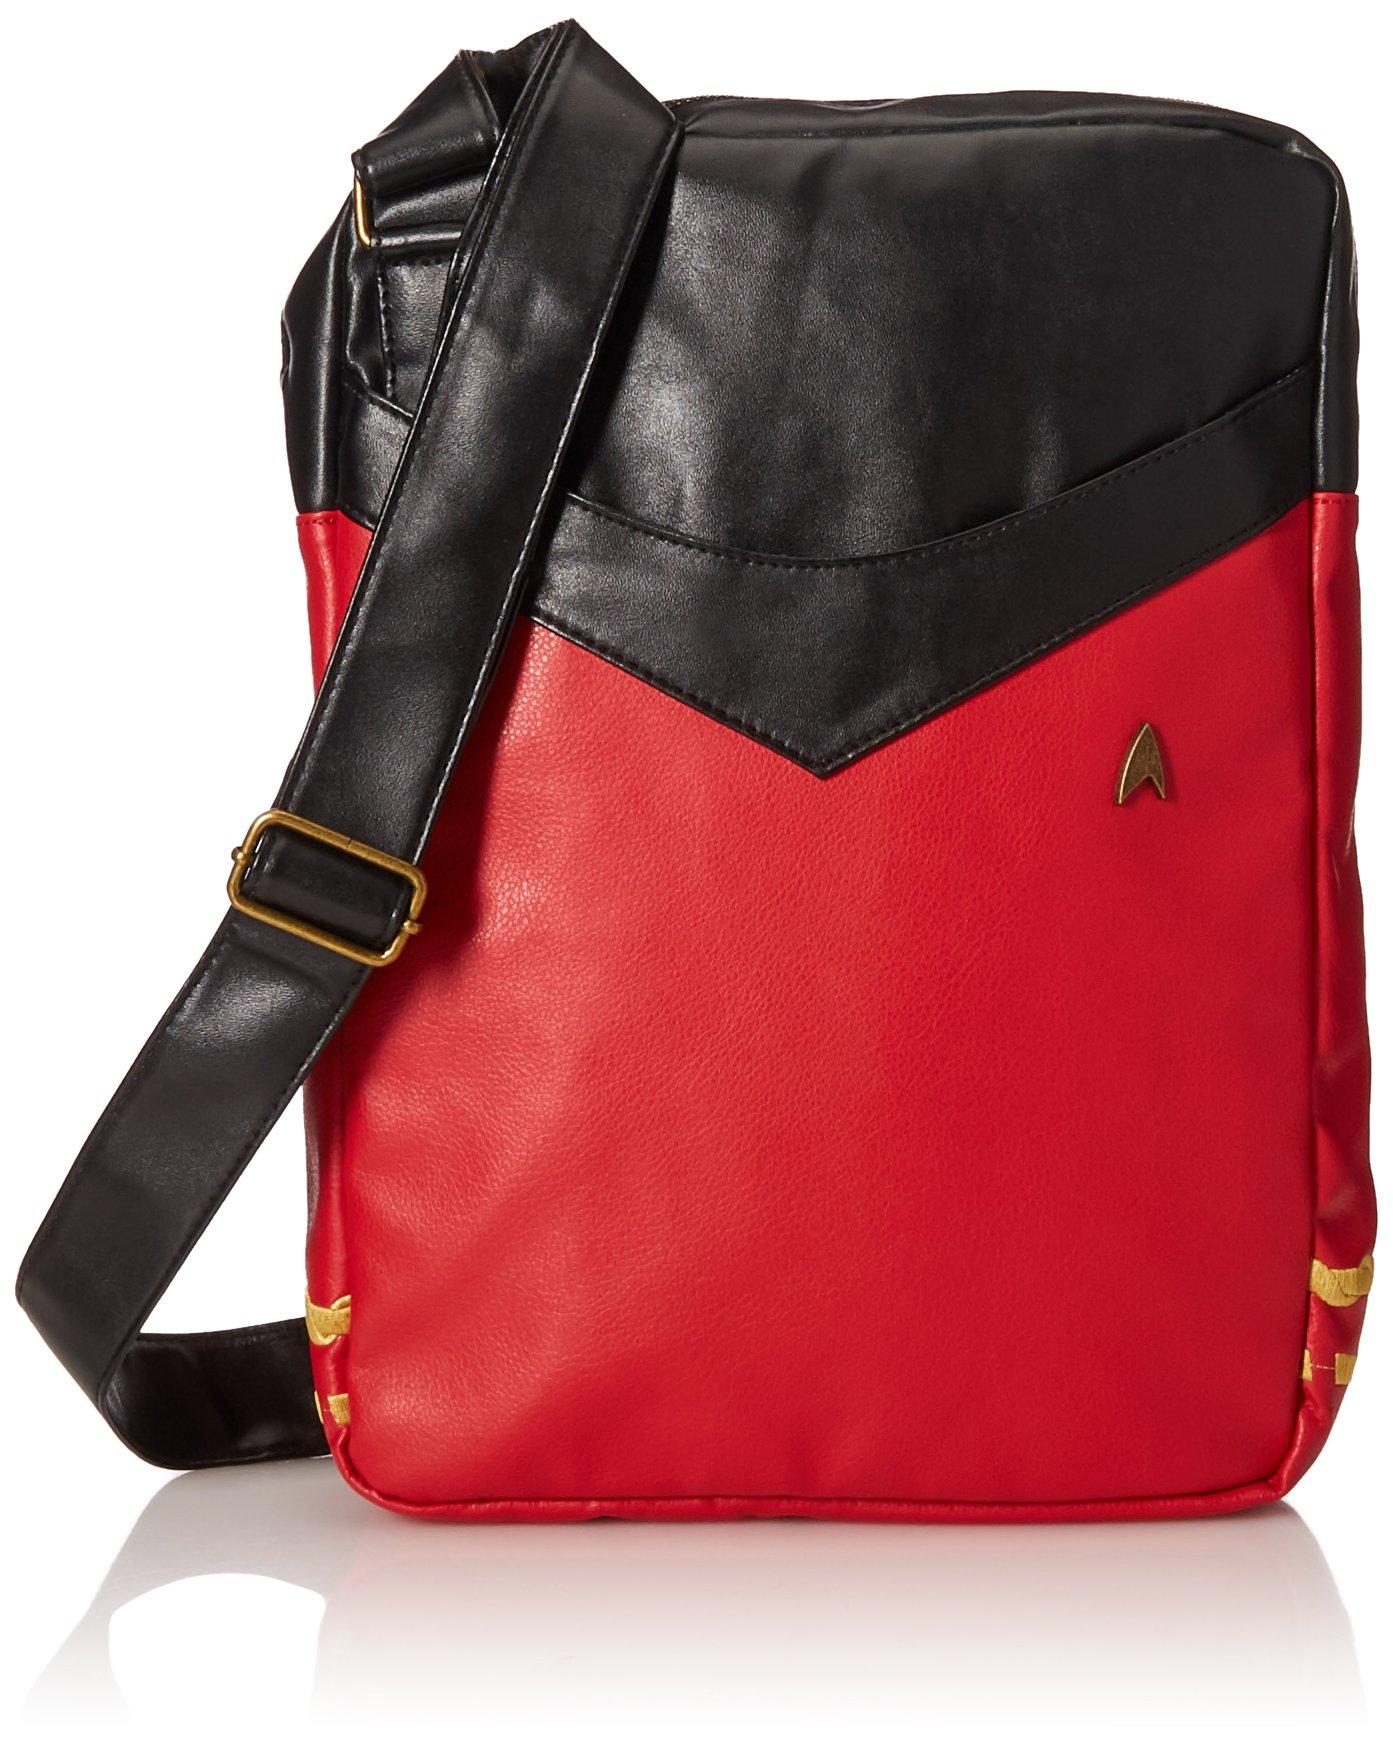 星际迷航制服笔记本电脑包 - 红色